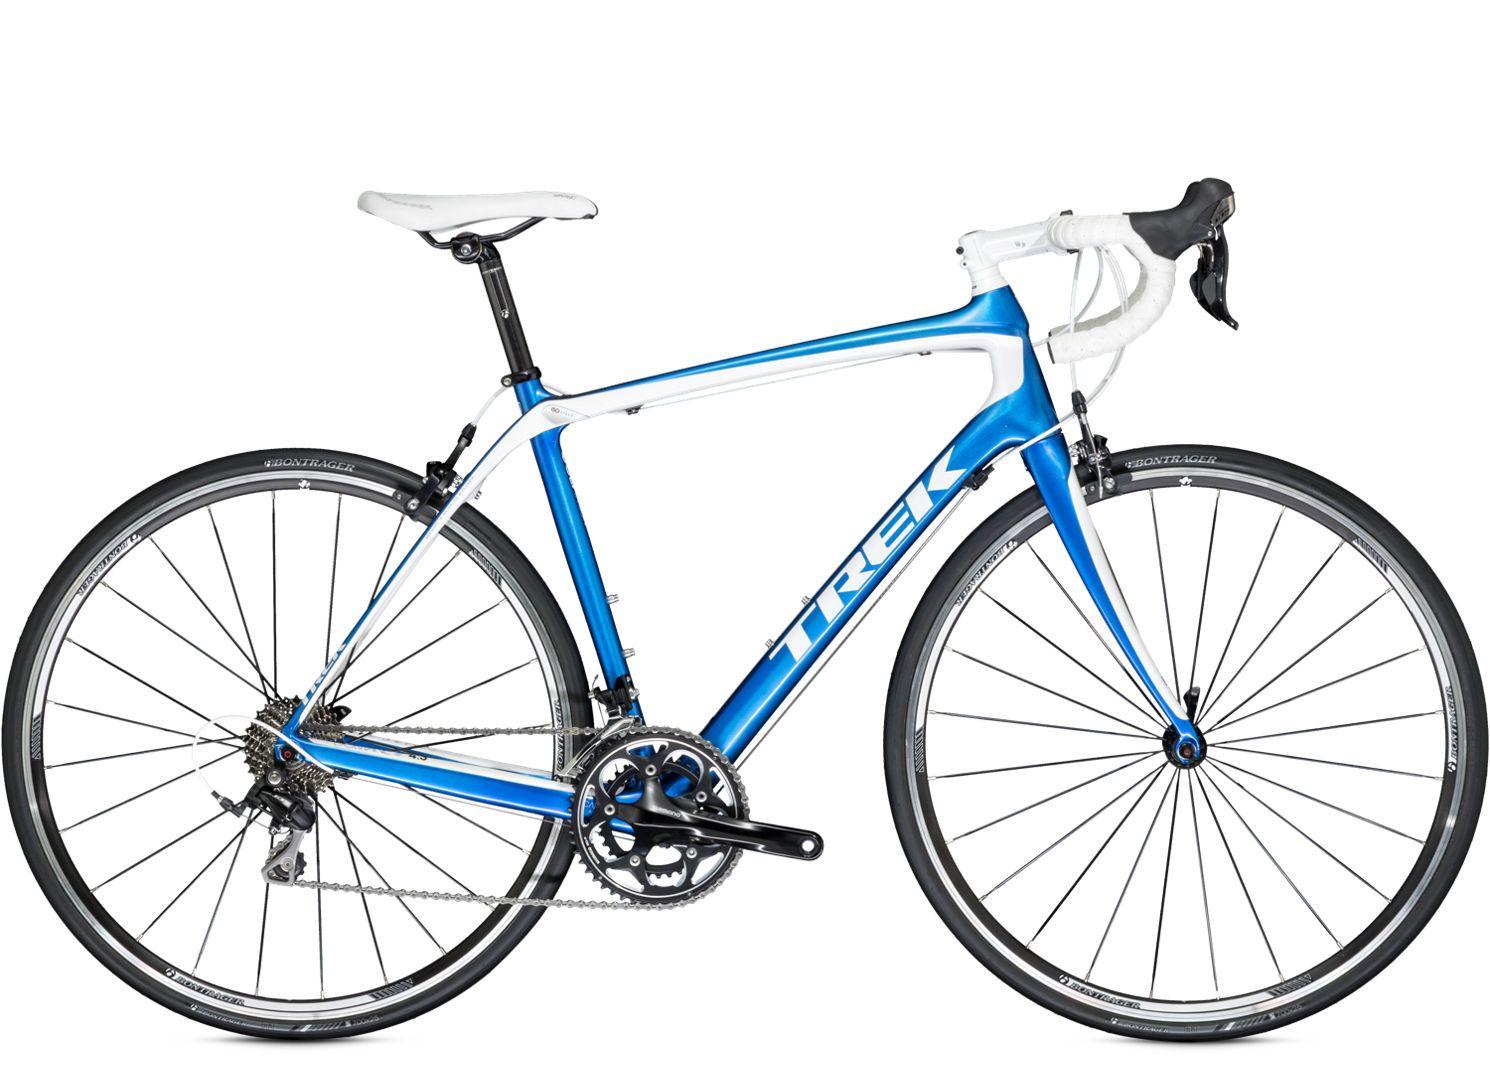 Domane Trek Bicycle Trek Bicycle Trek Bikes Bicycle